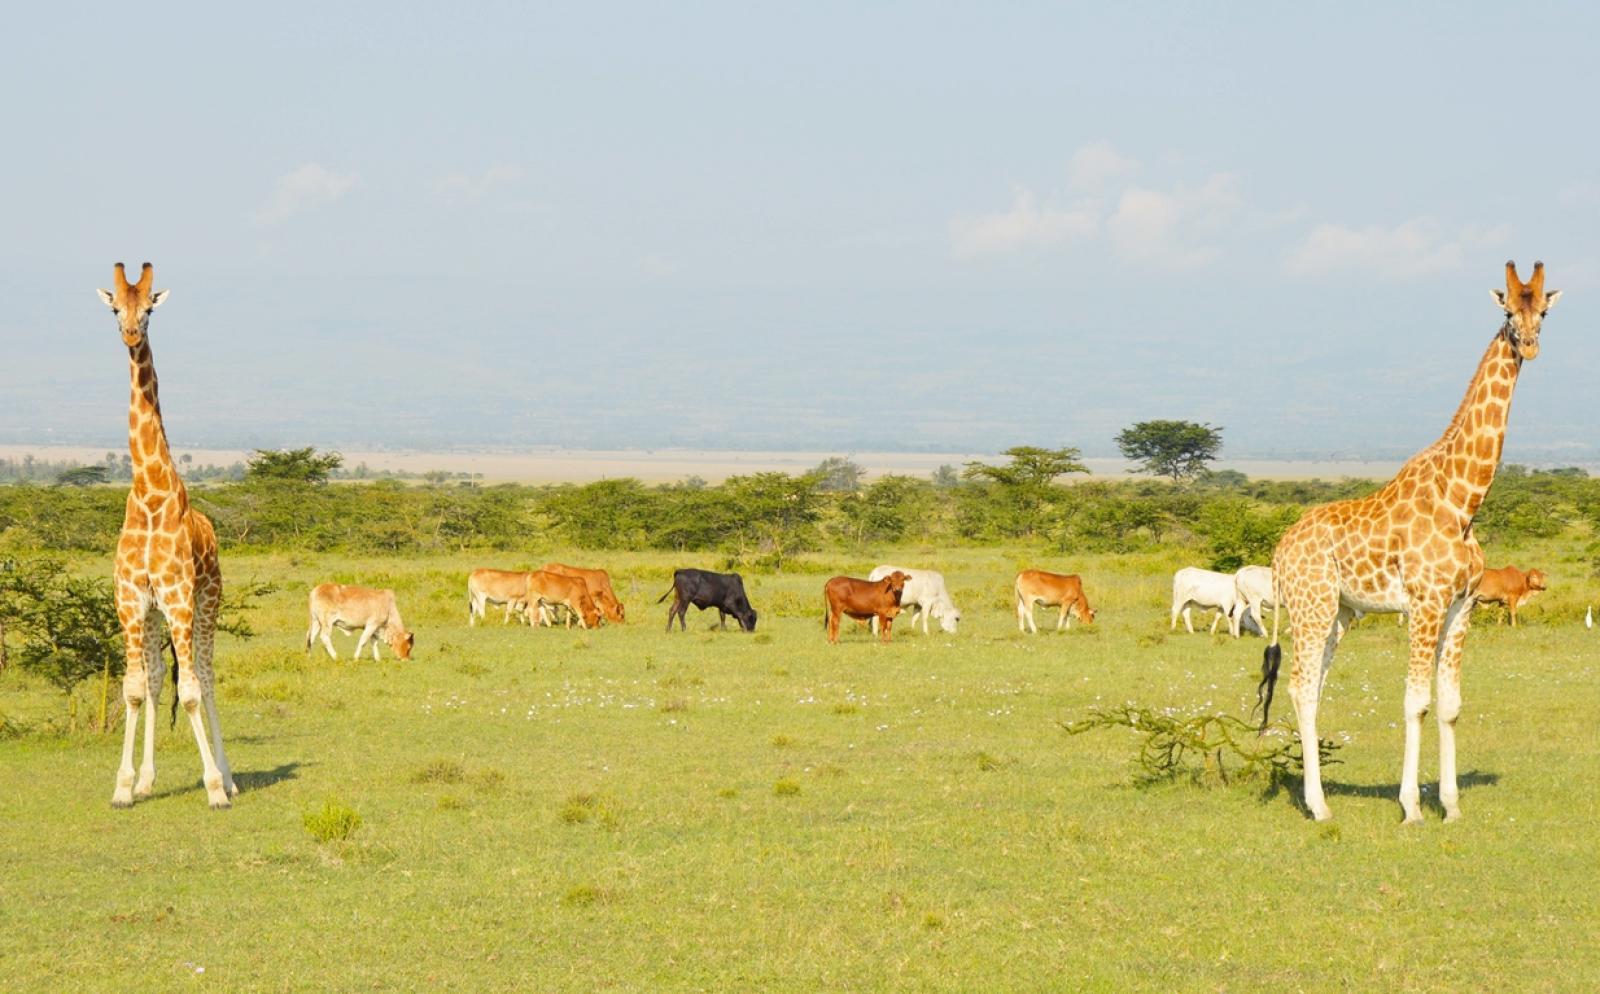 ケニアに生息する絶滅危惧種ロスチャイルドキリン